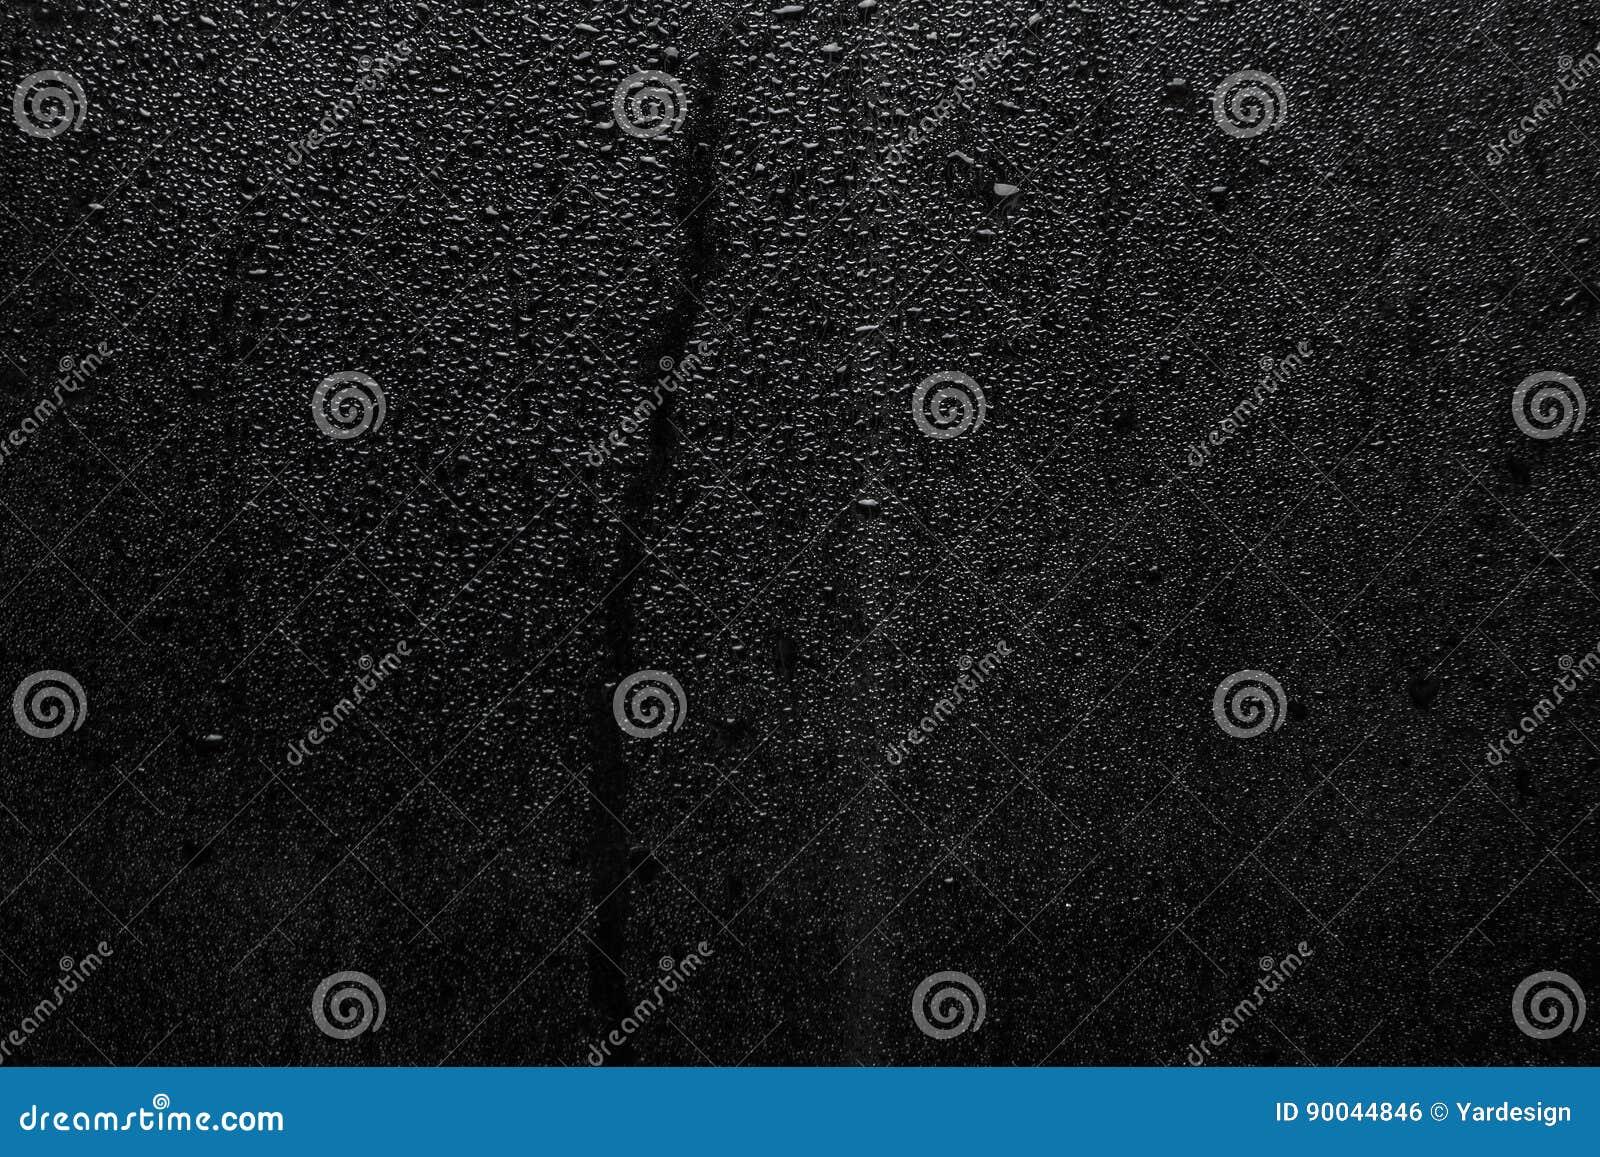 Del av serie Bakgrundsfotoet av regn tappar på mörkt exponeringsglas, olikt format: liten medel och stort